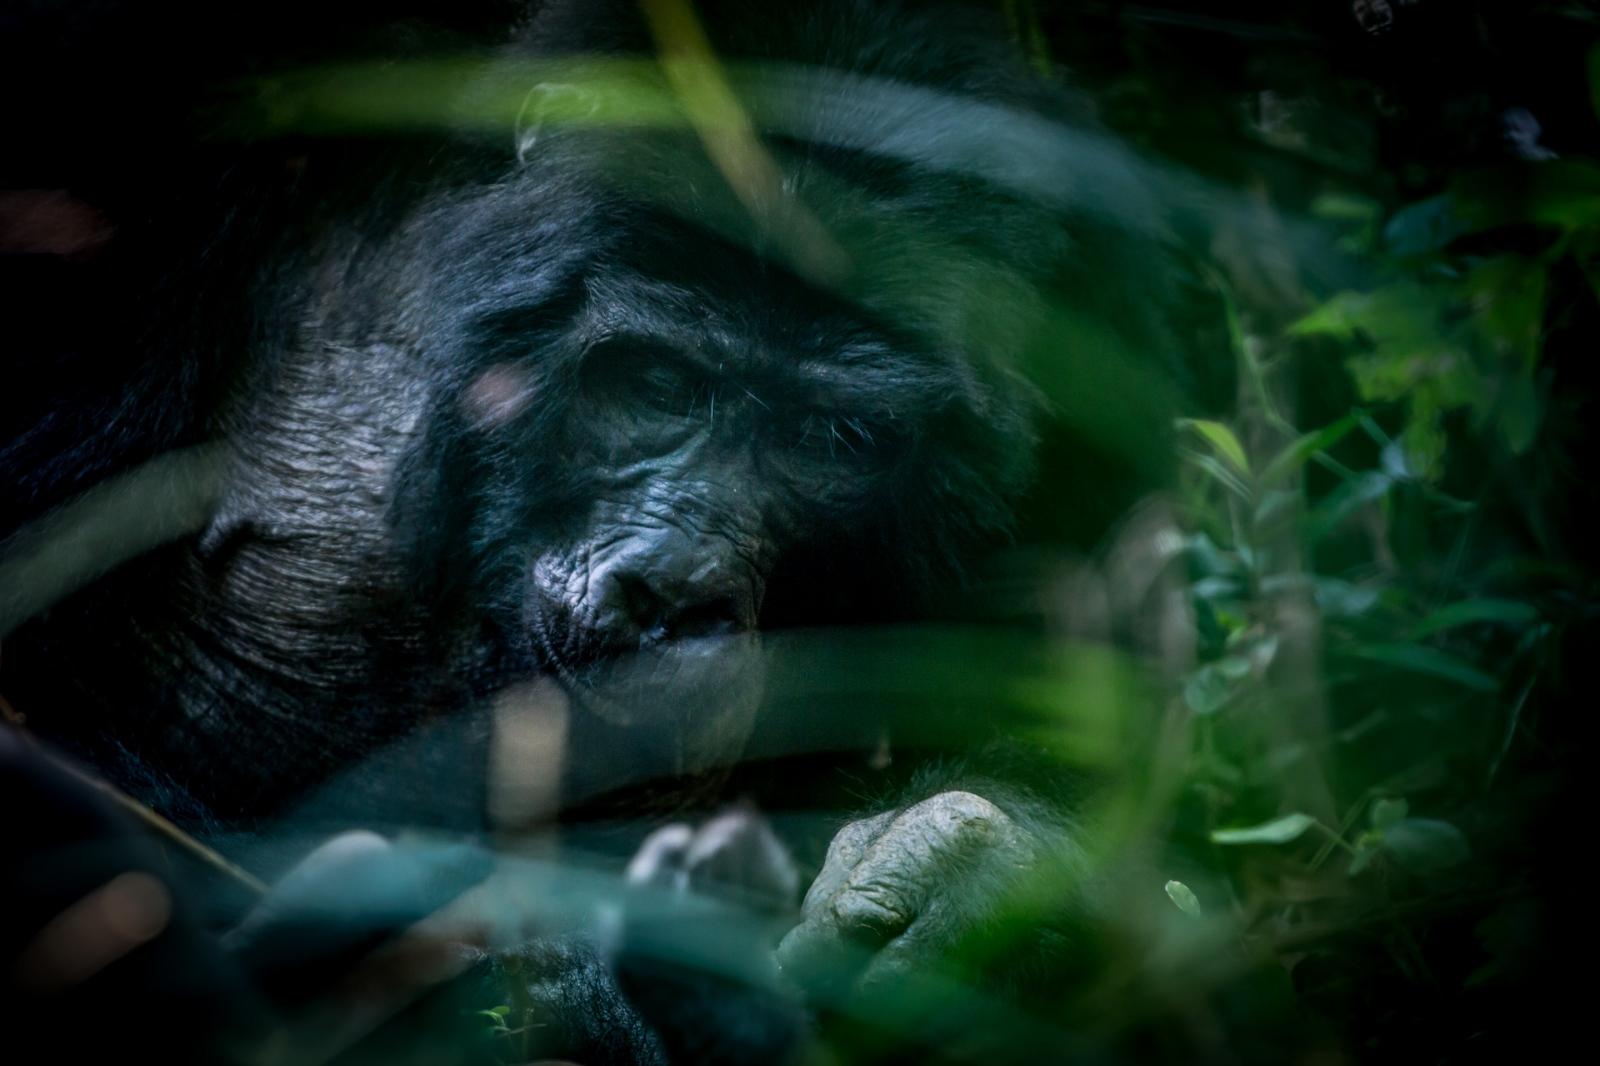 Gorilla. Biwindi National Park, Uganda.